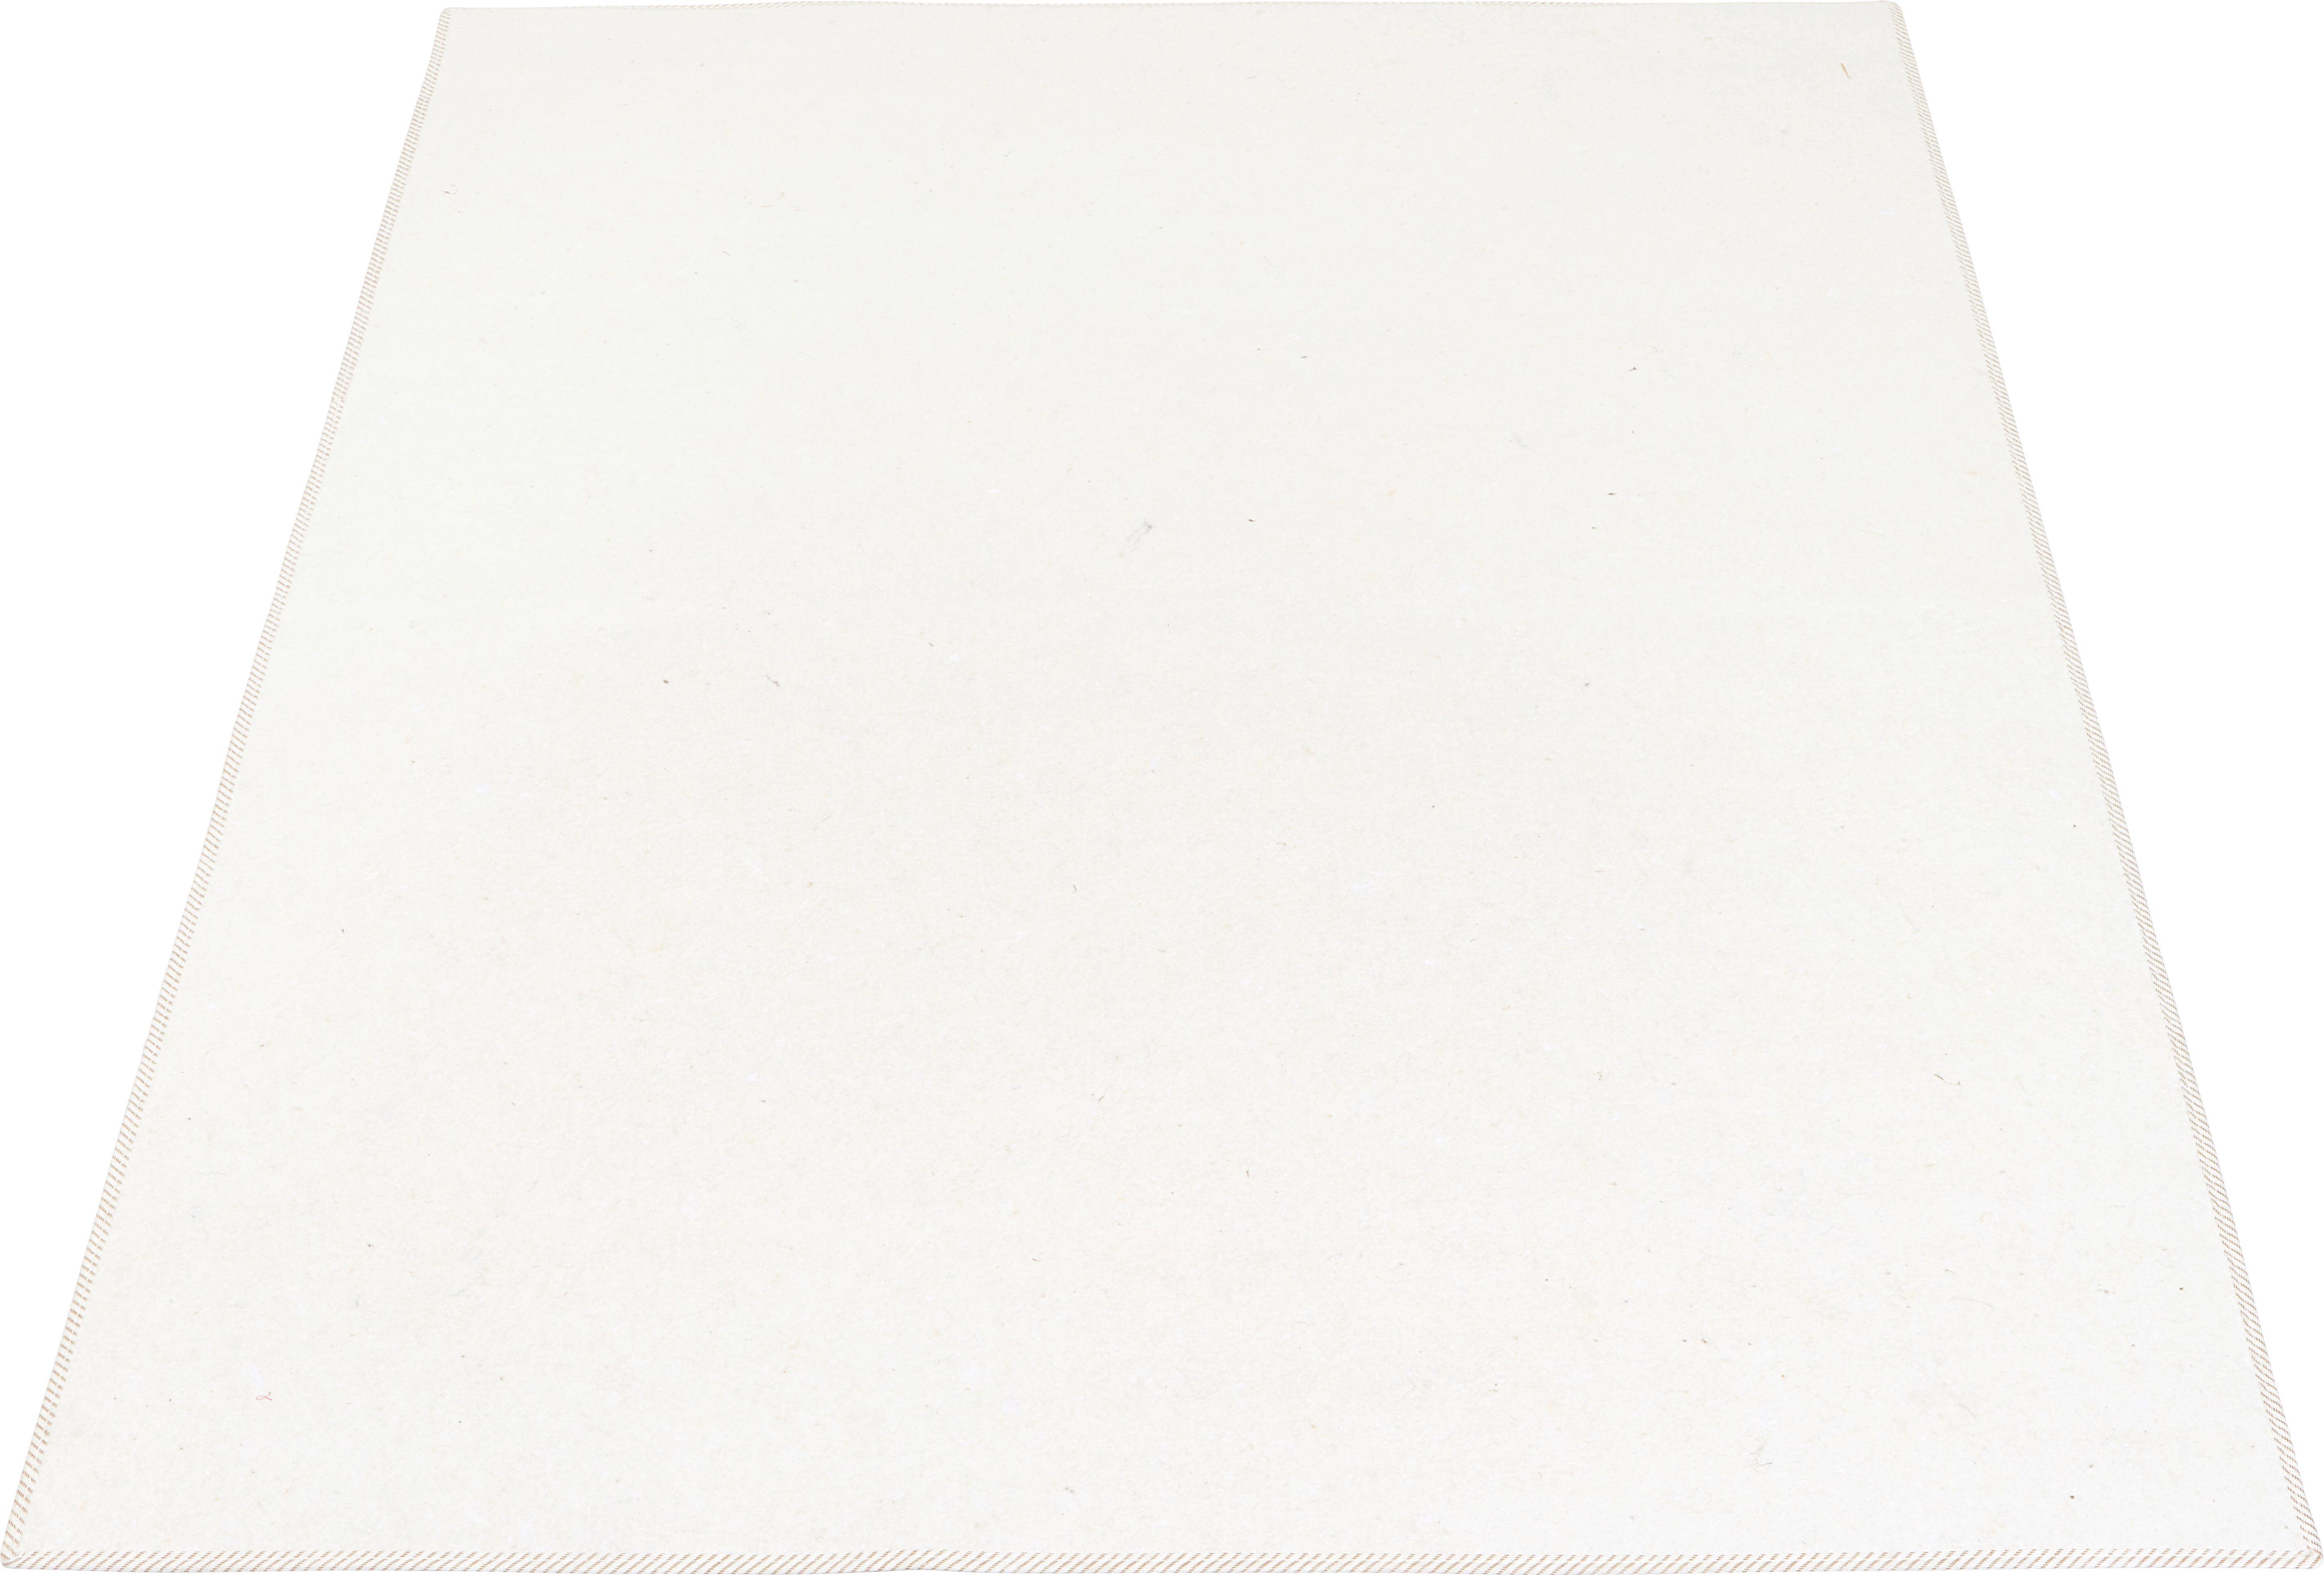 Matratzenschoner Luftdurchlässig, ca. 140x200cm - Weiß, KONVENTIONELL, Textil (200/140/4cm)